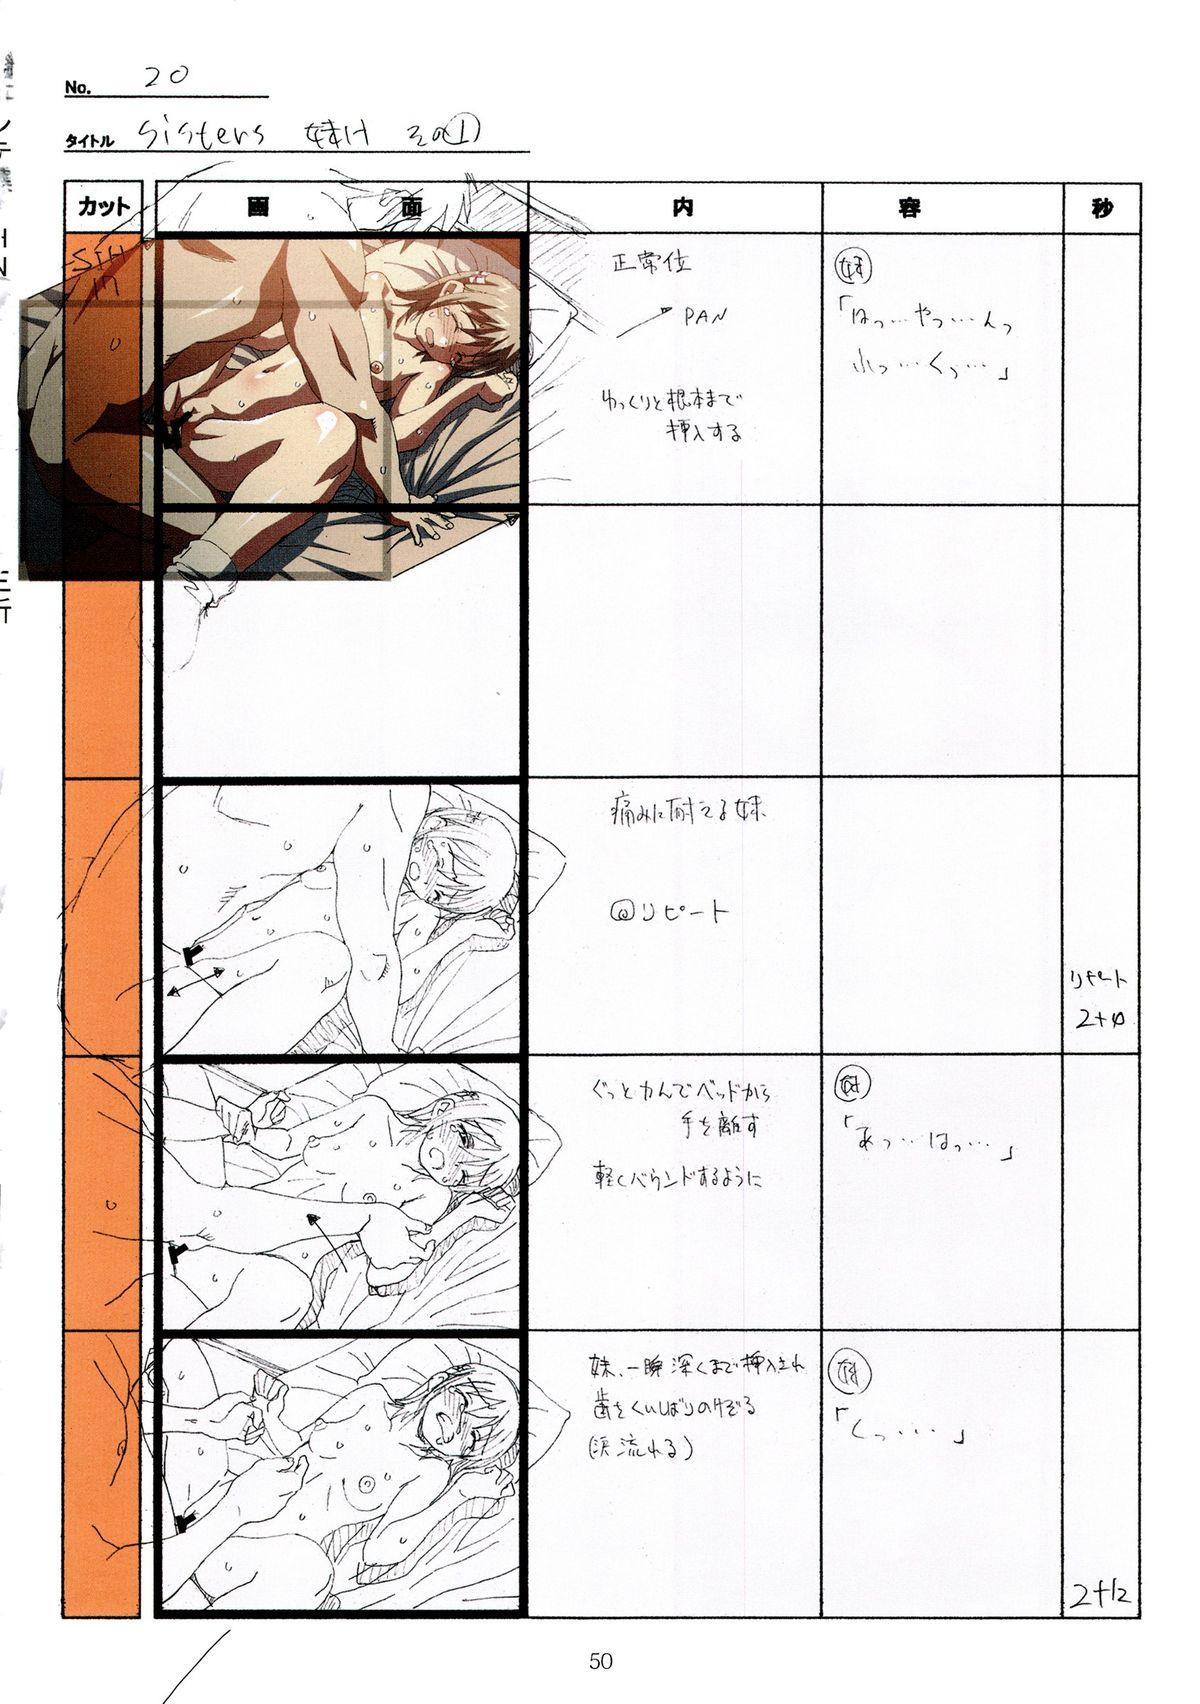 (C89) [Makino Jimusho (Taki Minashika)] SISTERS -Natsu no Saigo no Hi- H Scene All Part Storyboard (SISTERS -Natsu no Saigo no Hi-) 49